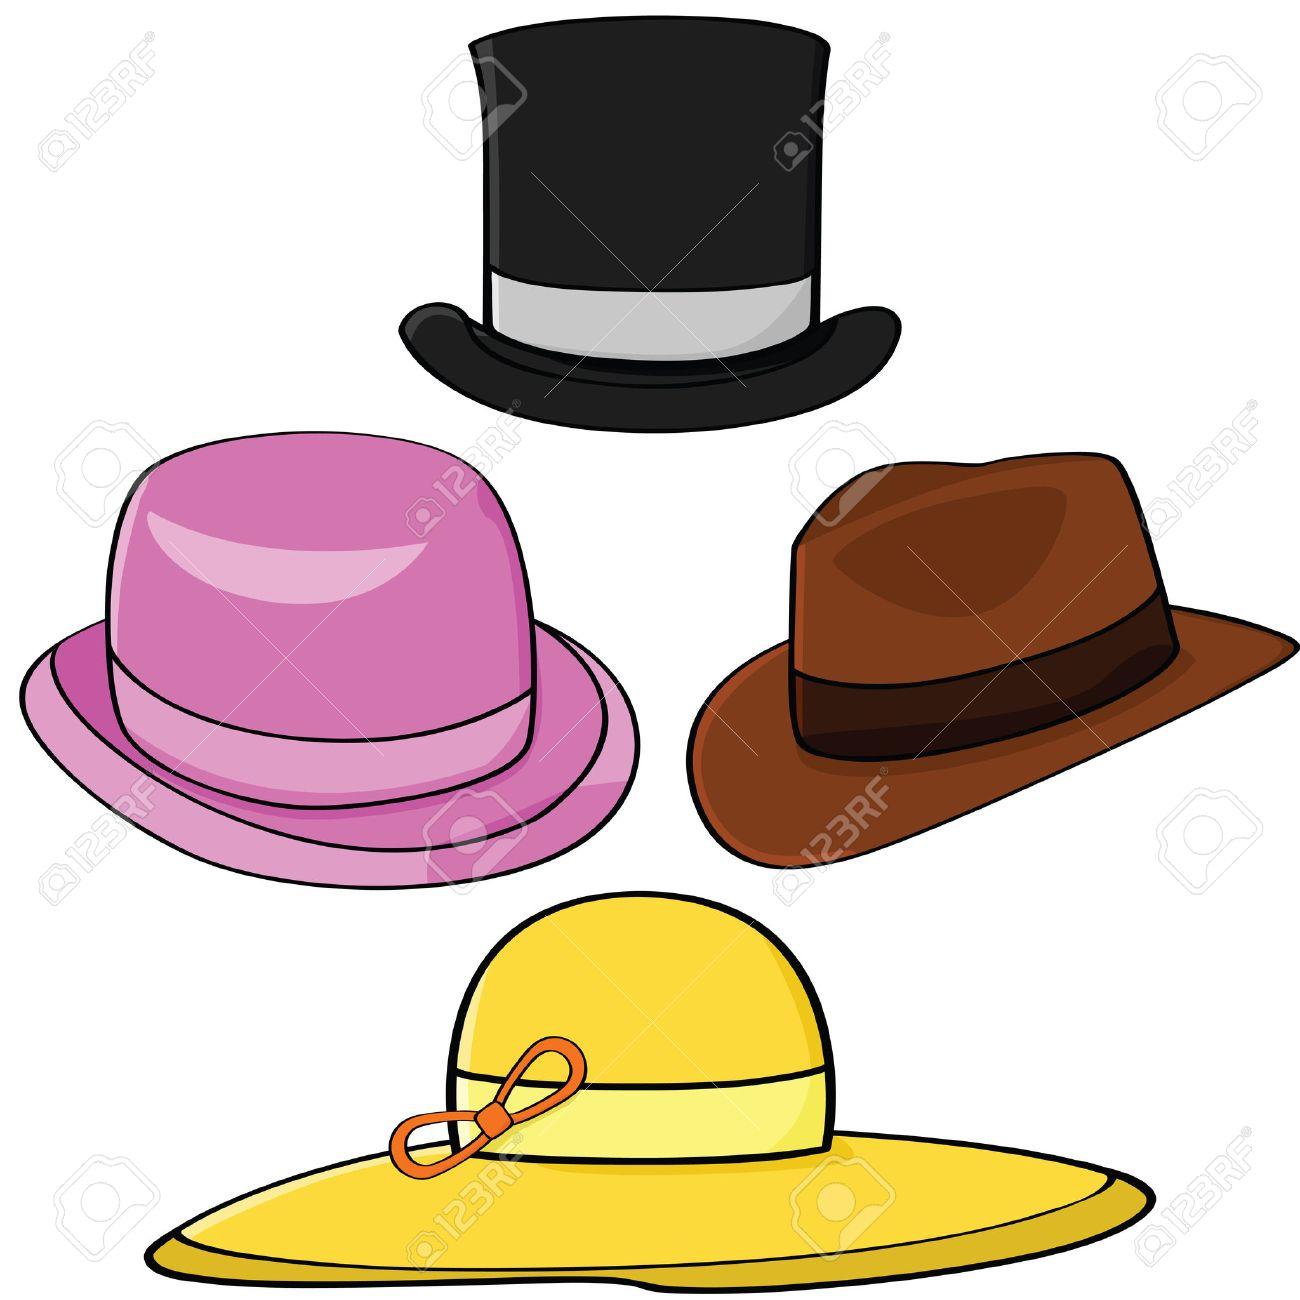 Conjunto de ilustración de dibujos animados de cuatro sombreros diferentes  Foto de archivo - 7933506 581aeb12407